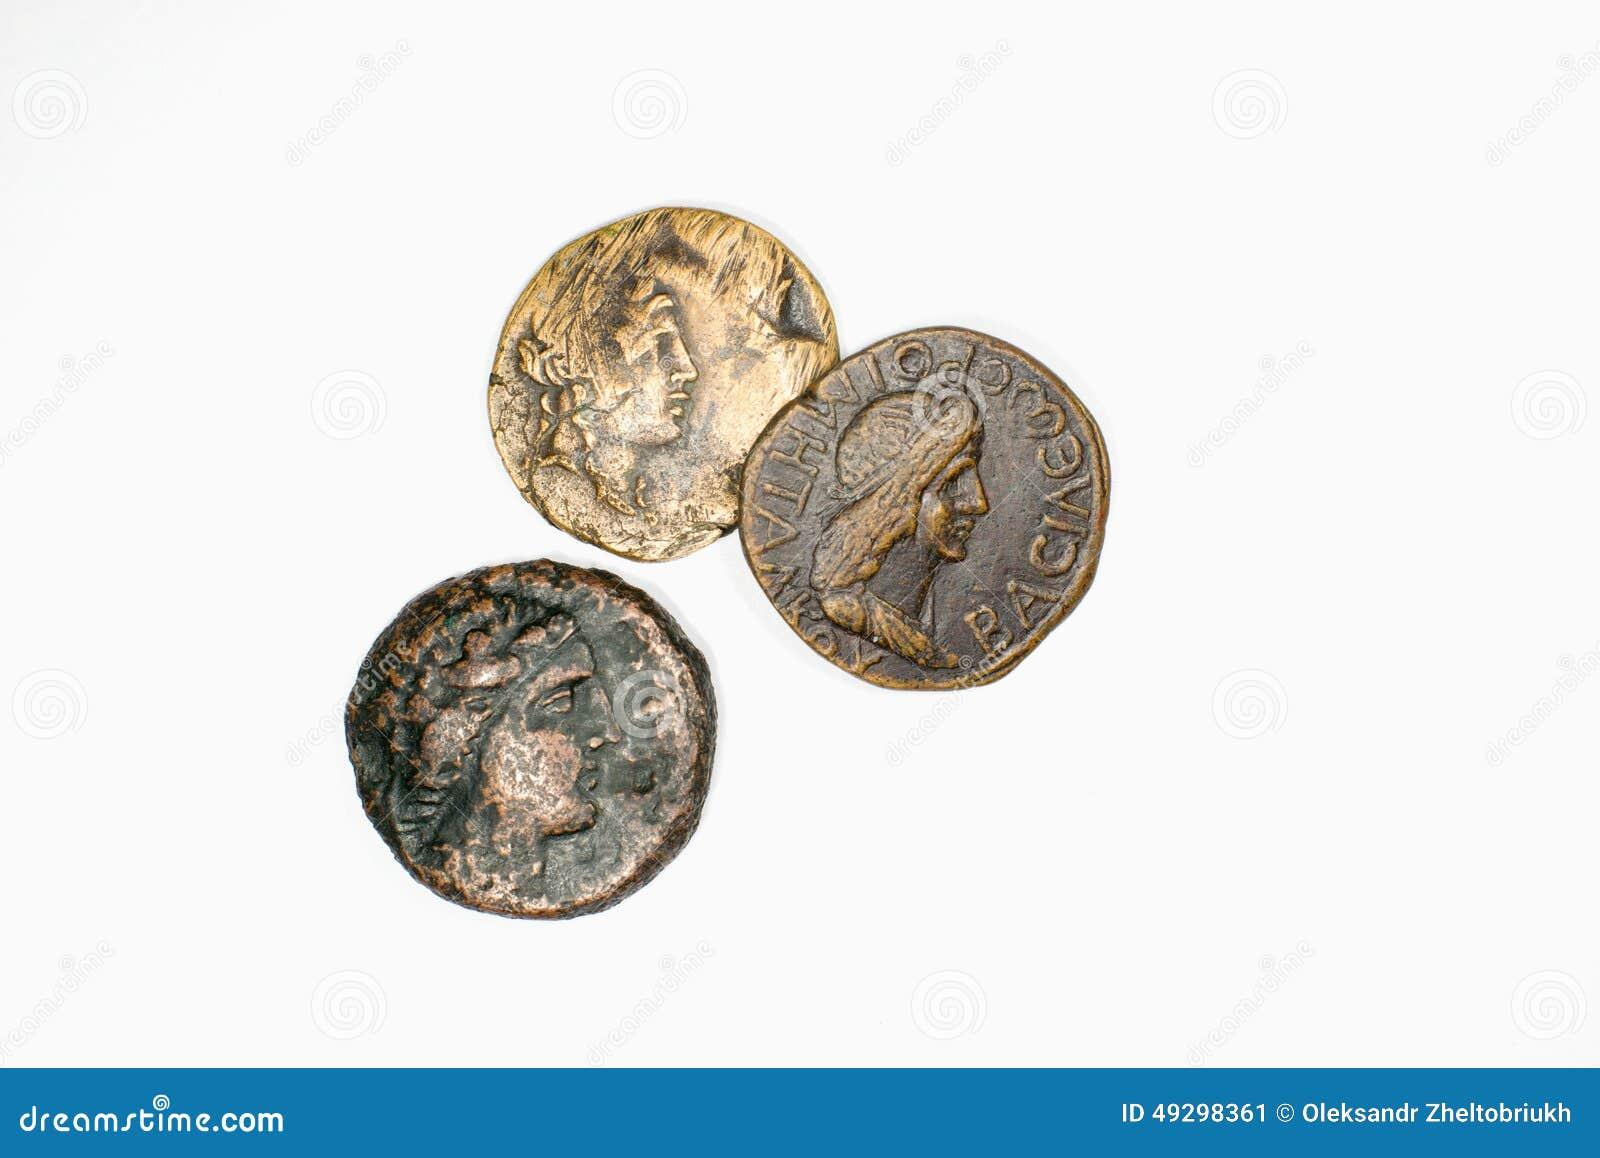 Drie antieke muntstukken met portretten op een witte achtergrond